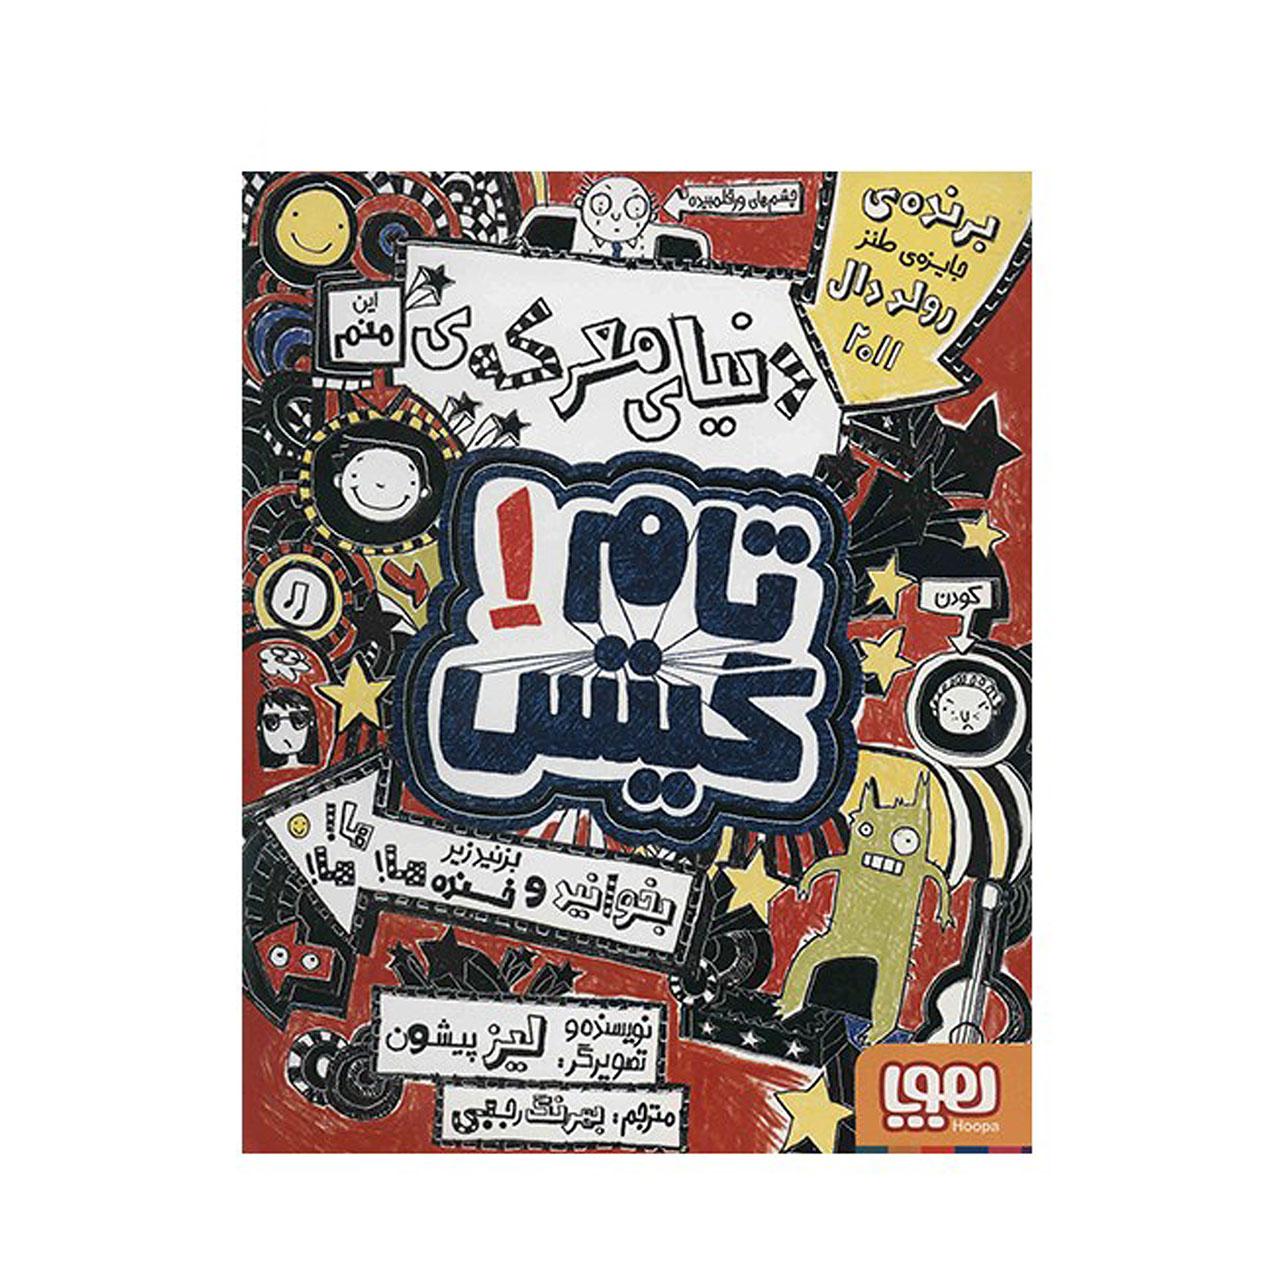 خرید                      کتاب دنیای معرکه تام گیتس اثر لیز پیشون